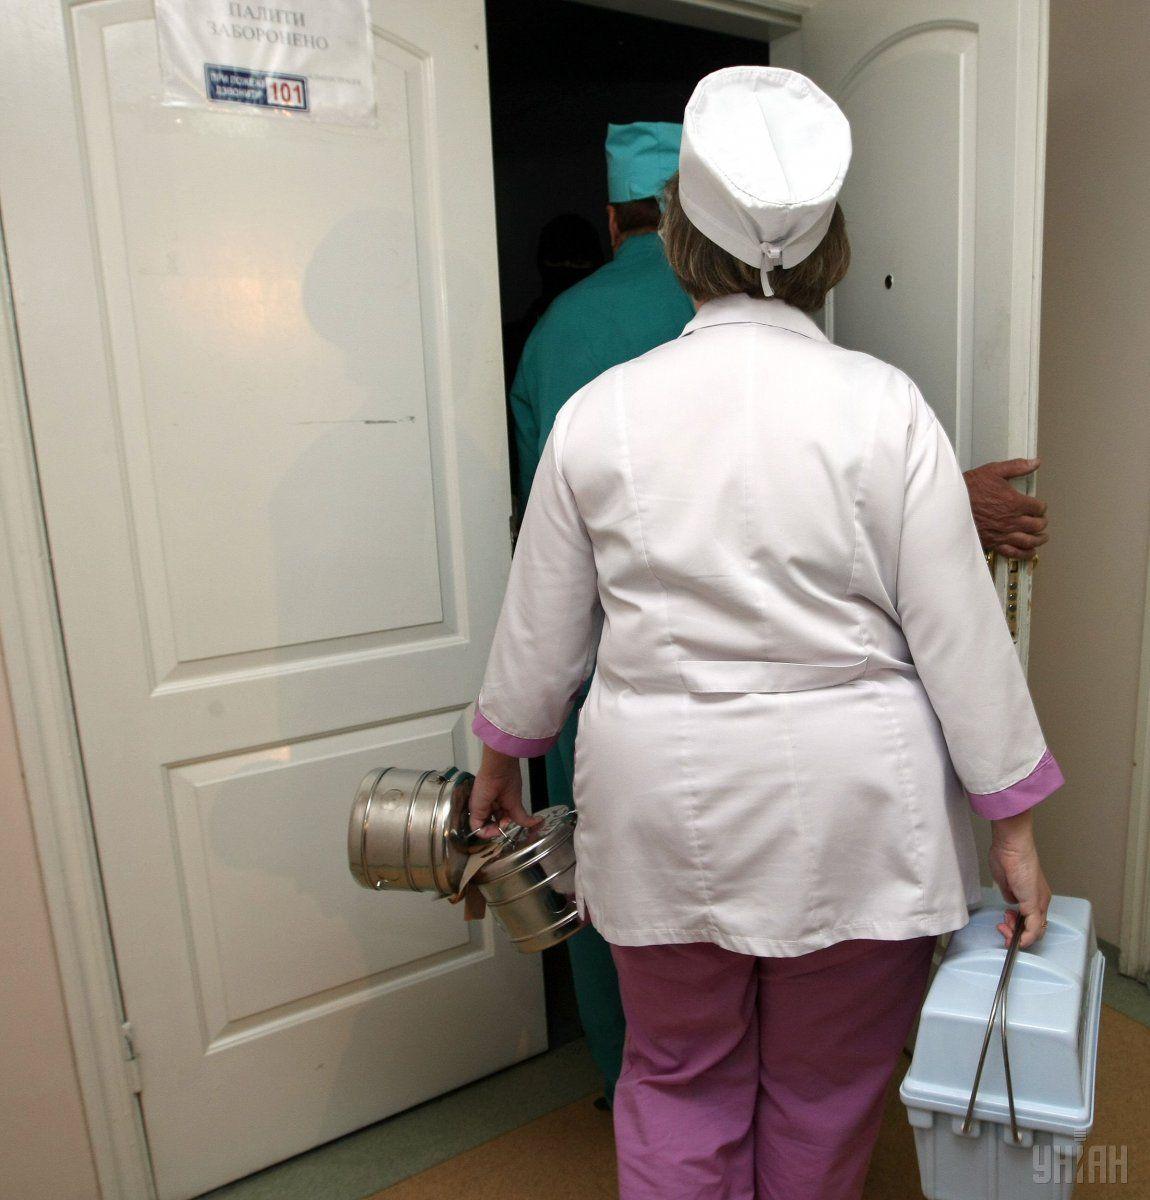 Врачи в другой клинике не подтвердили страшній диагноз девушки \ фото УНИАН